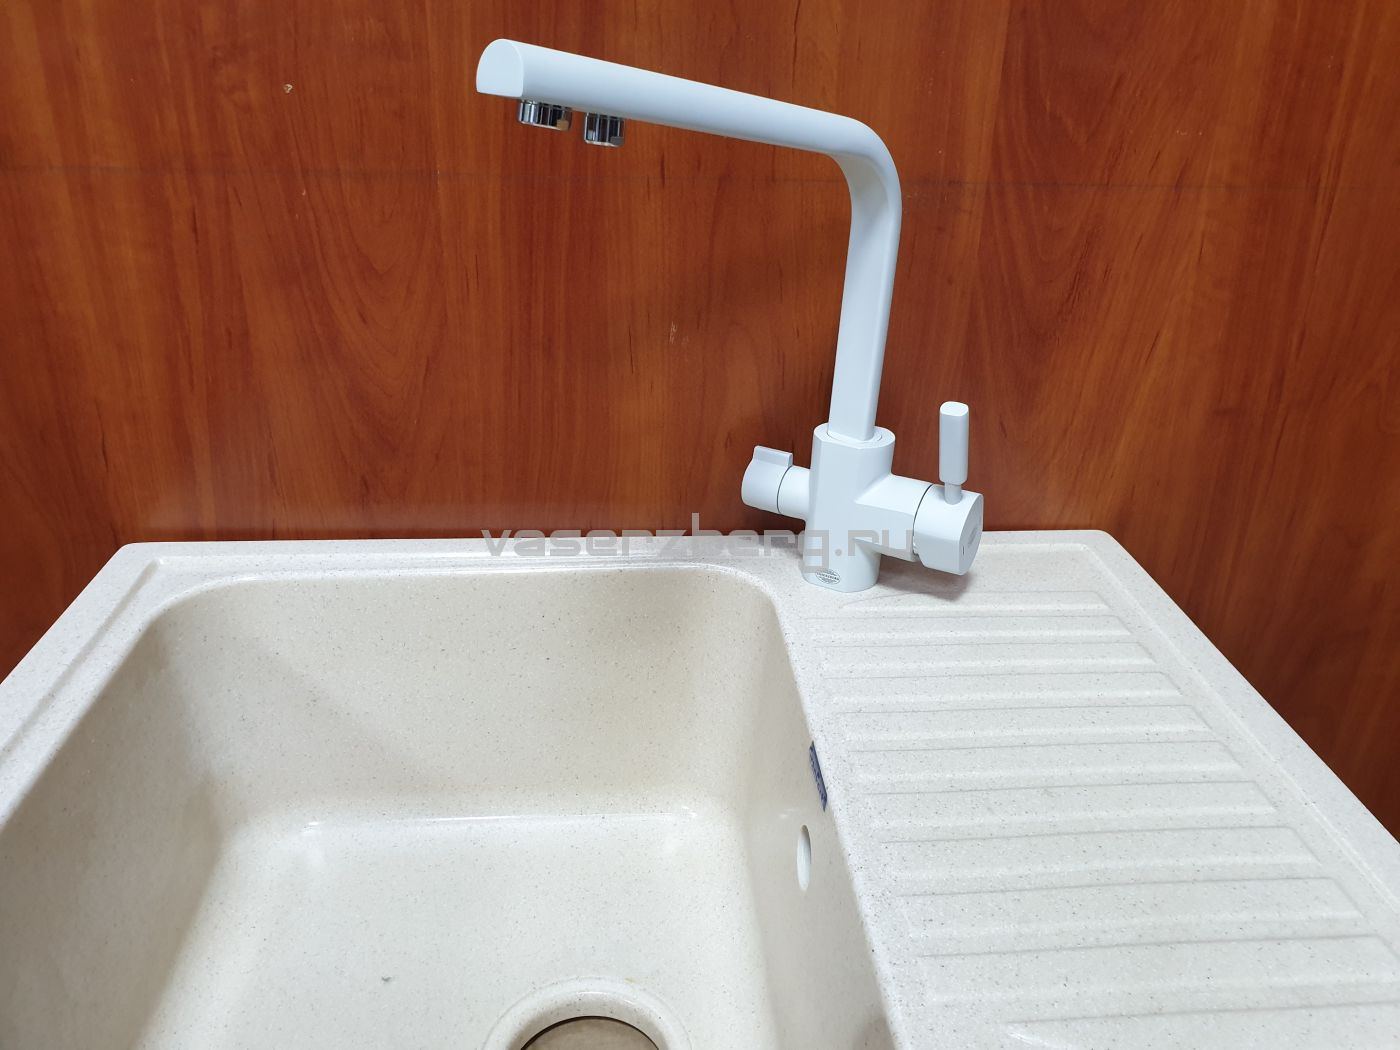 Vaserzberg VS-1905W Смеситель для кухни с выходом под фильтр